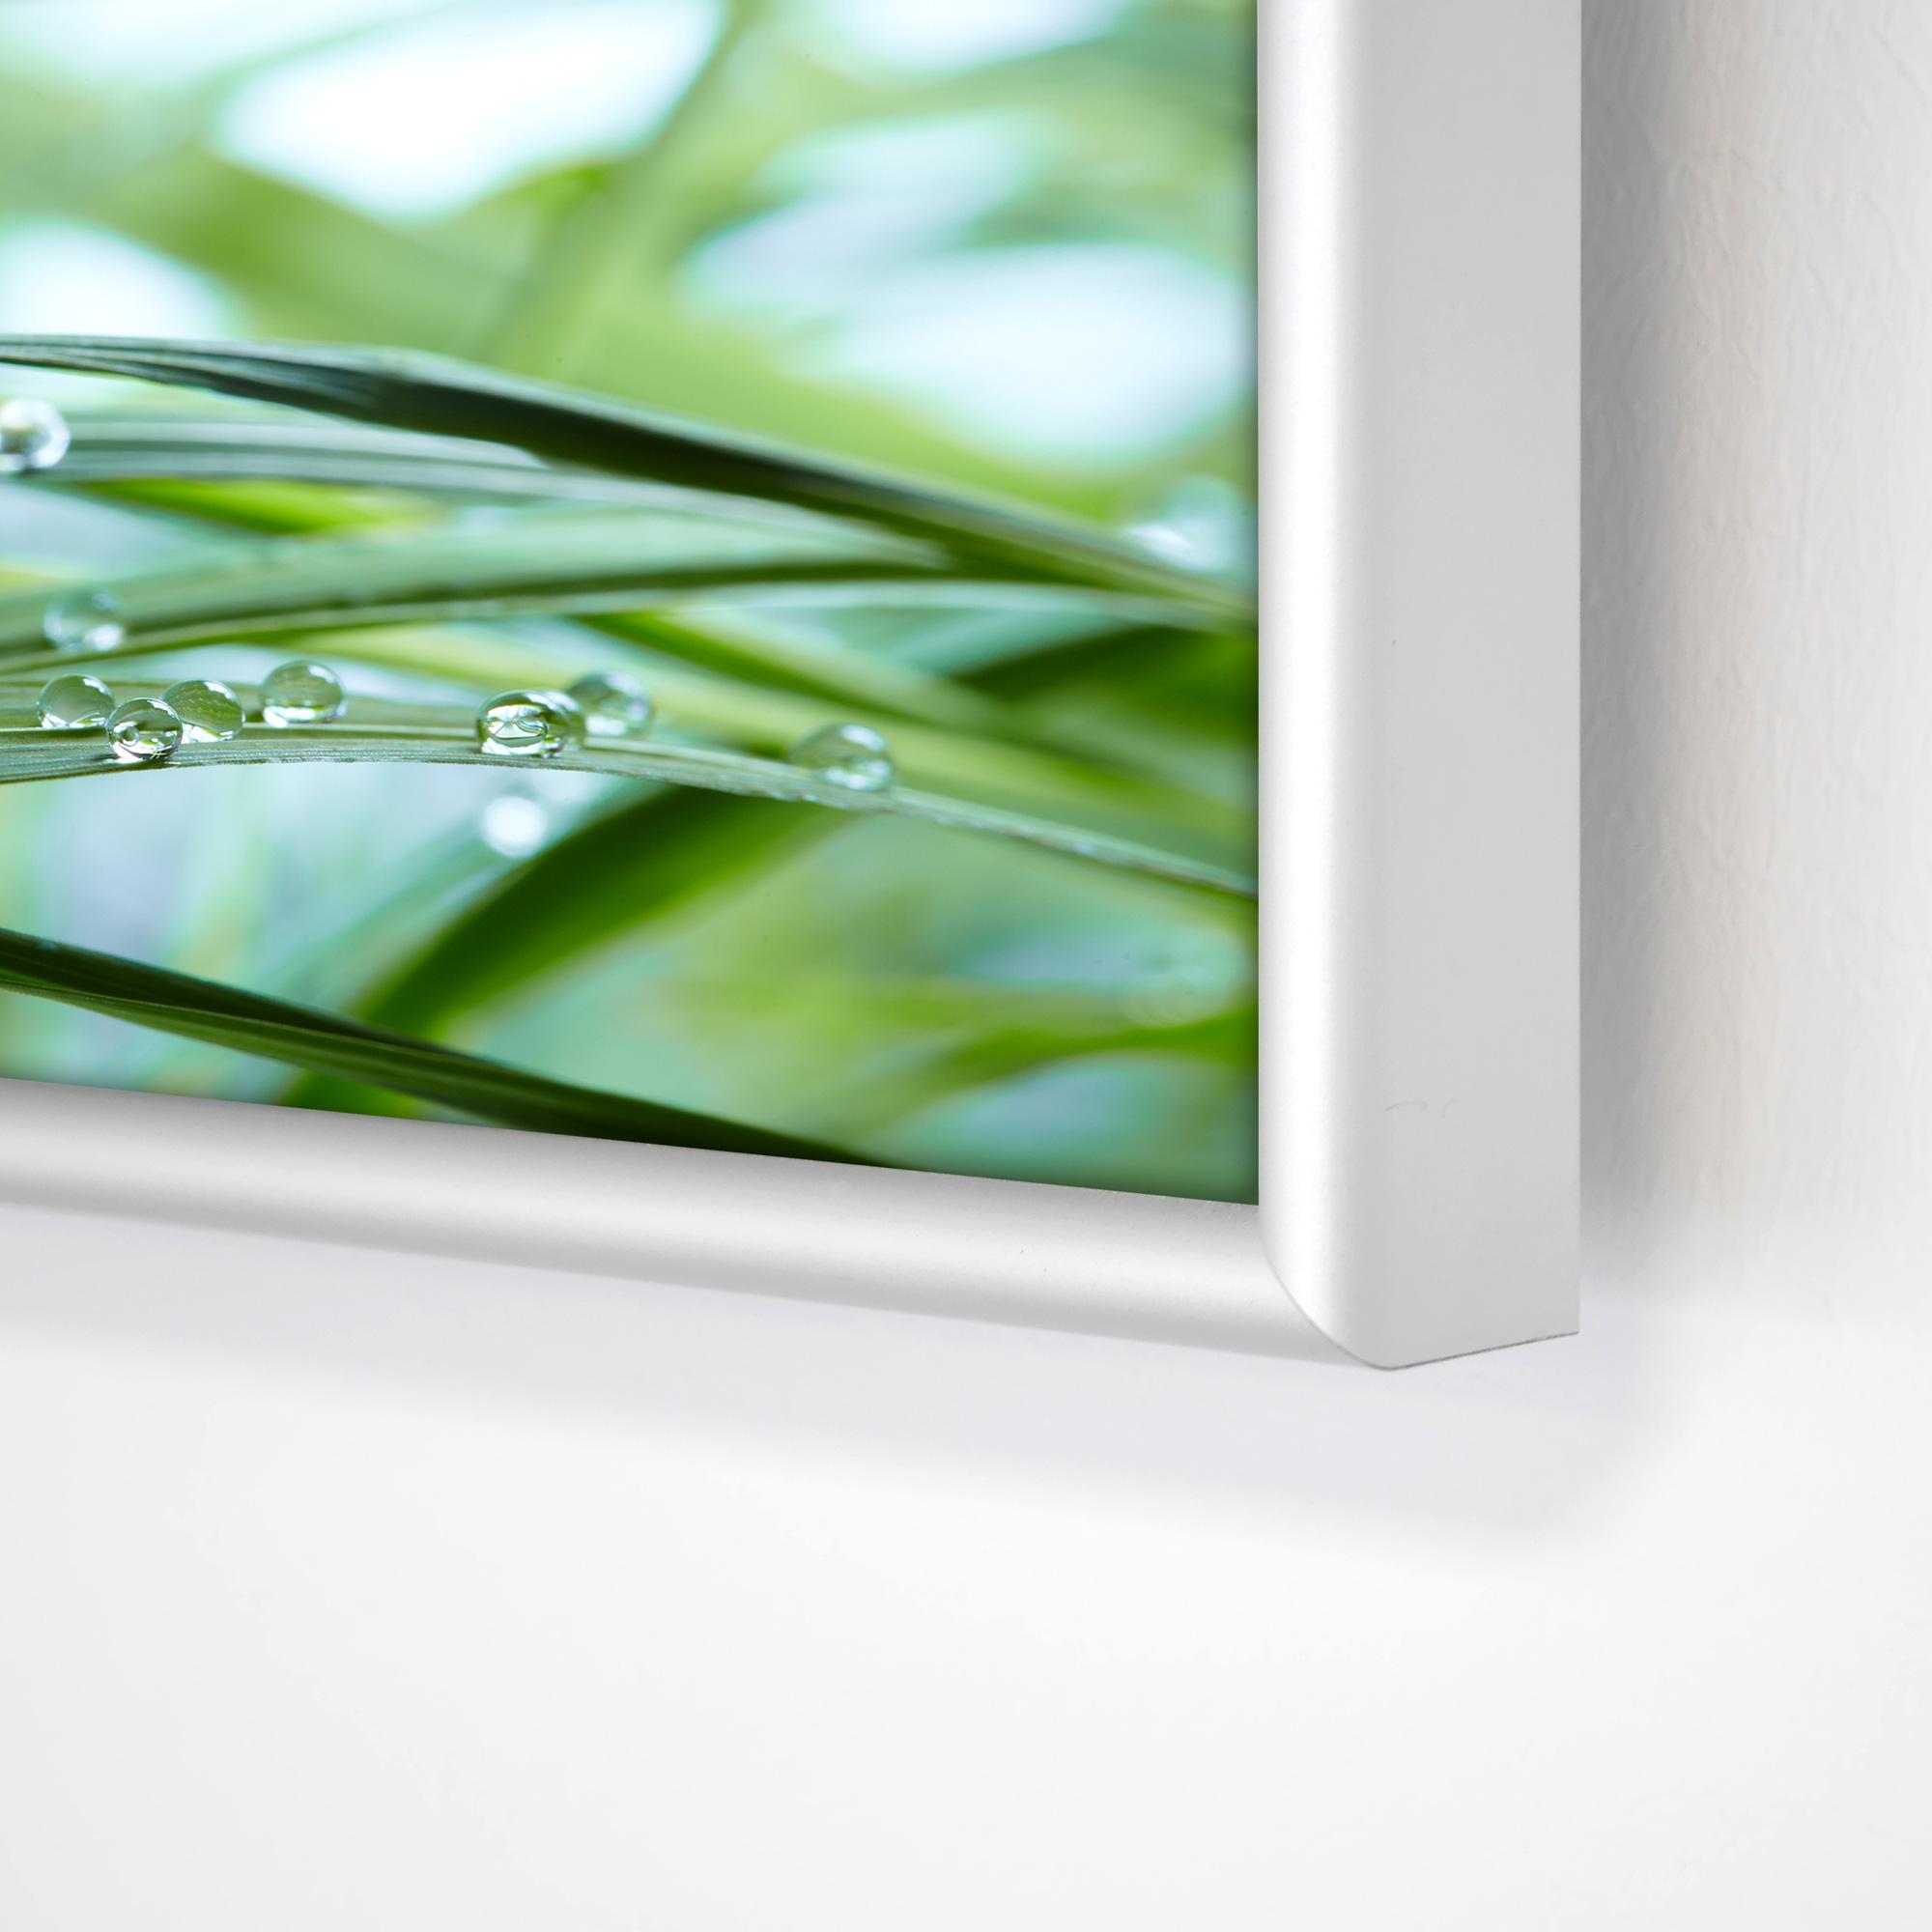 infrarot wandheizung vasner klassisch wei bis hin zur farbbrillanz. Black Bedroom Furniture Sets. Home Design Ideas